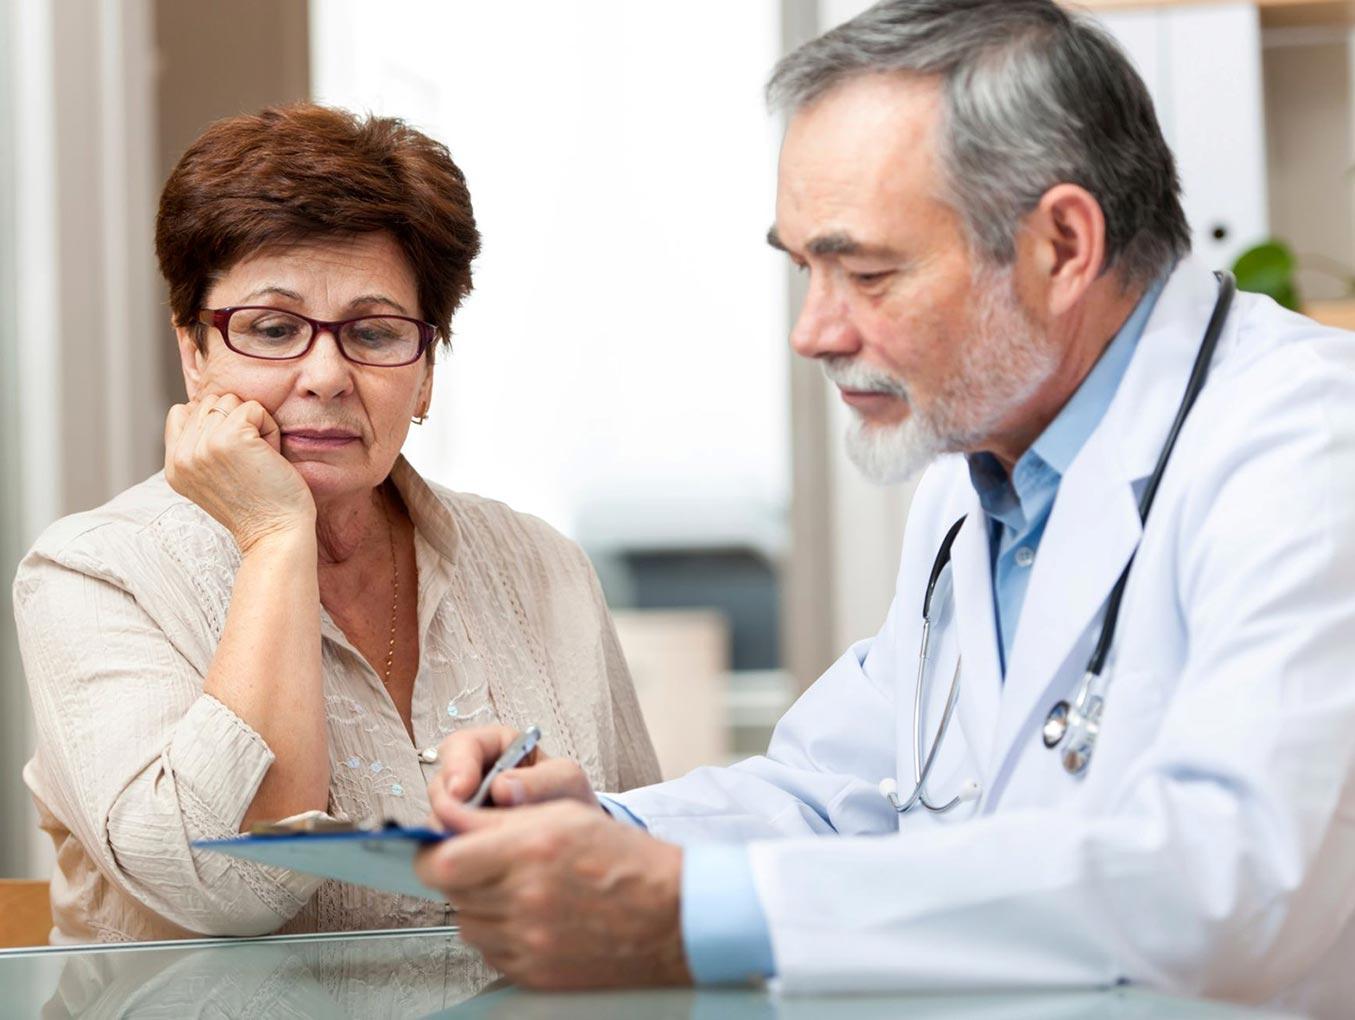 O contrato médico-paciente: quando ele é quebrado?